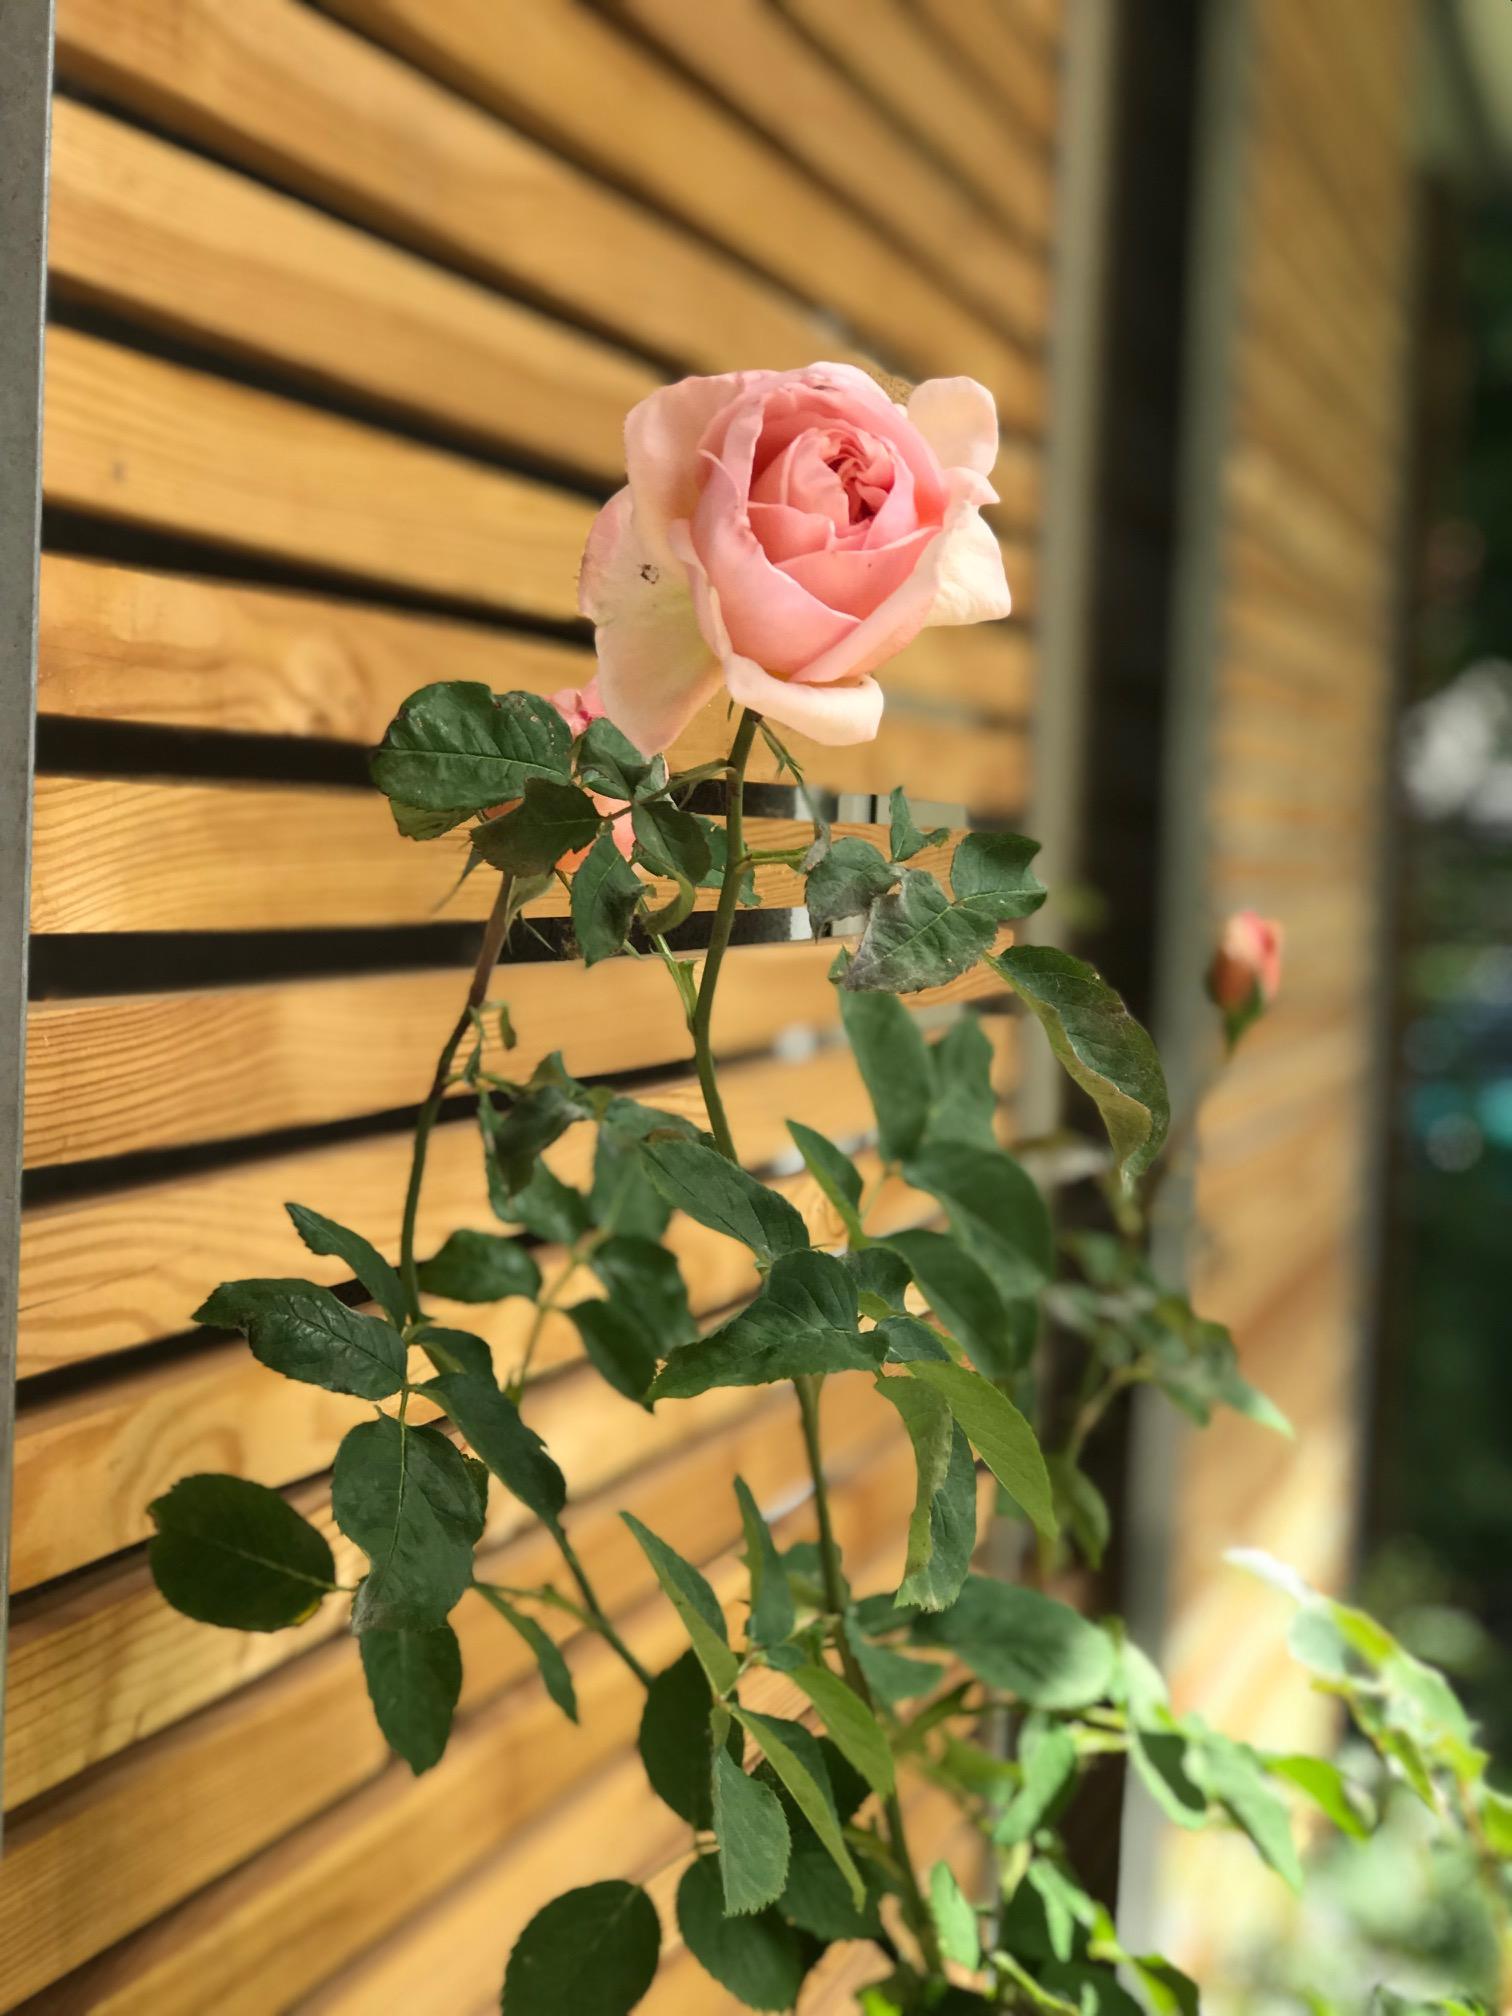 Detailaufnahme Garten Schiebelement mit Rose Landpraxis Altfriedland